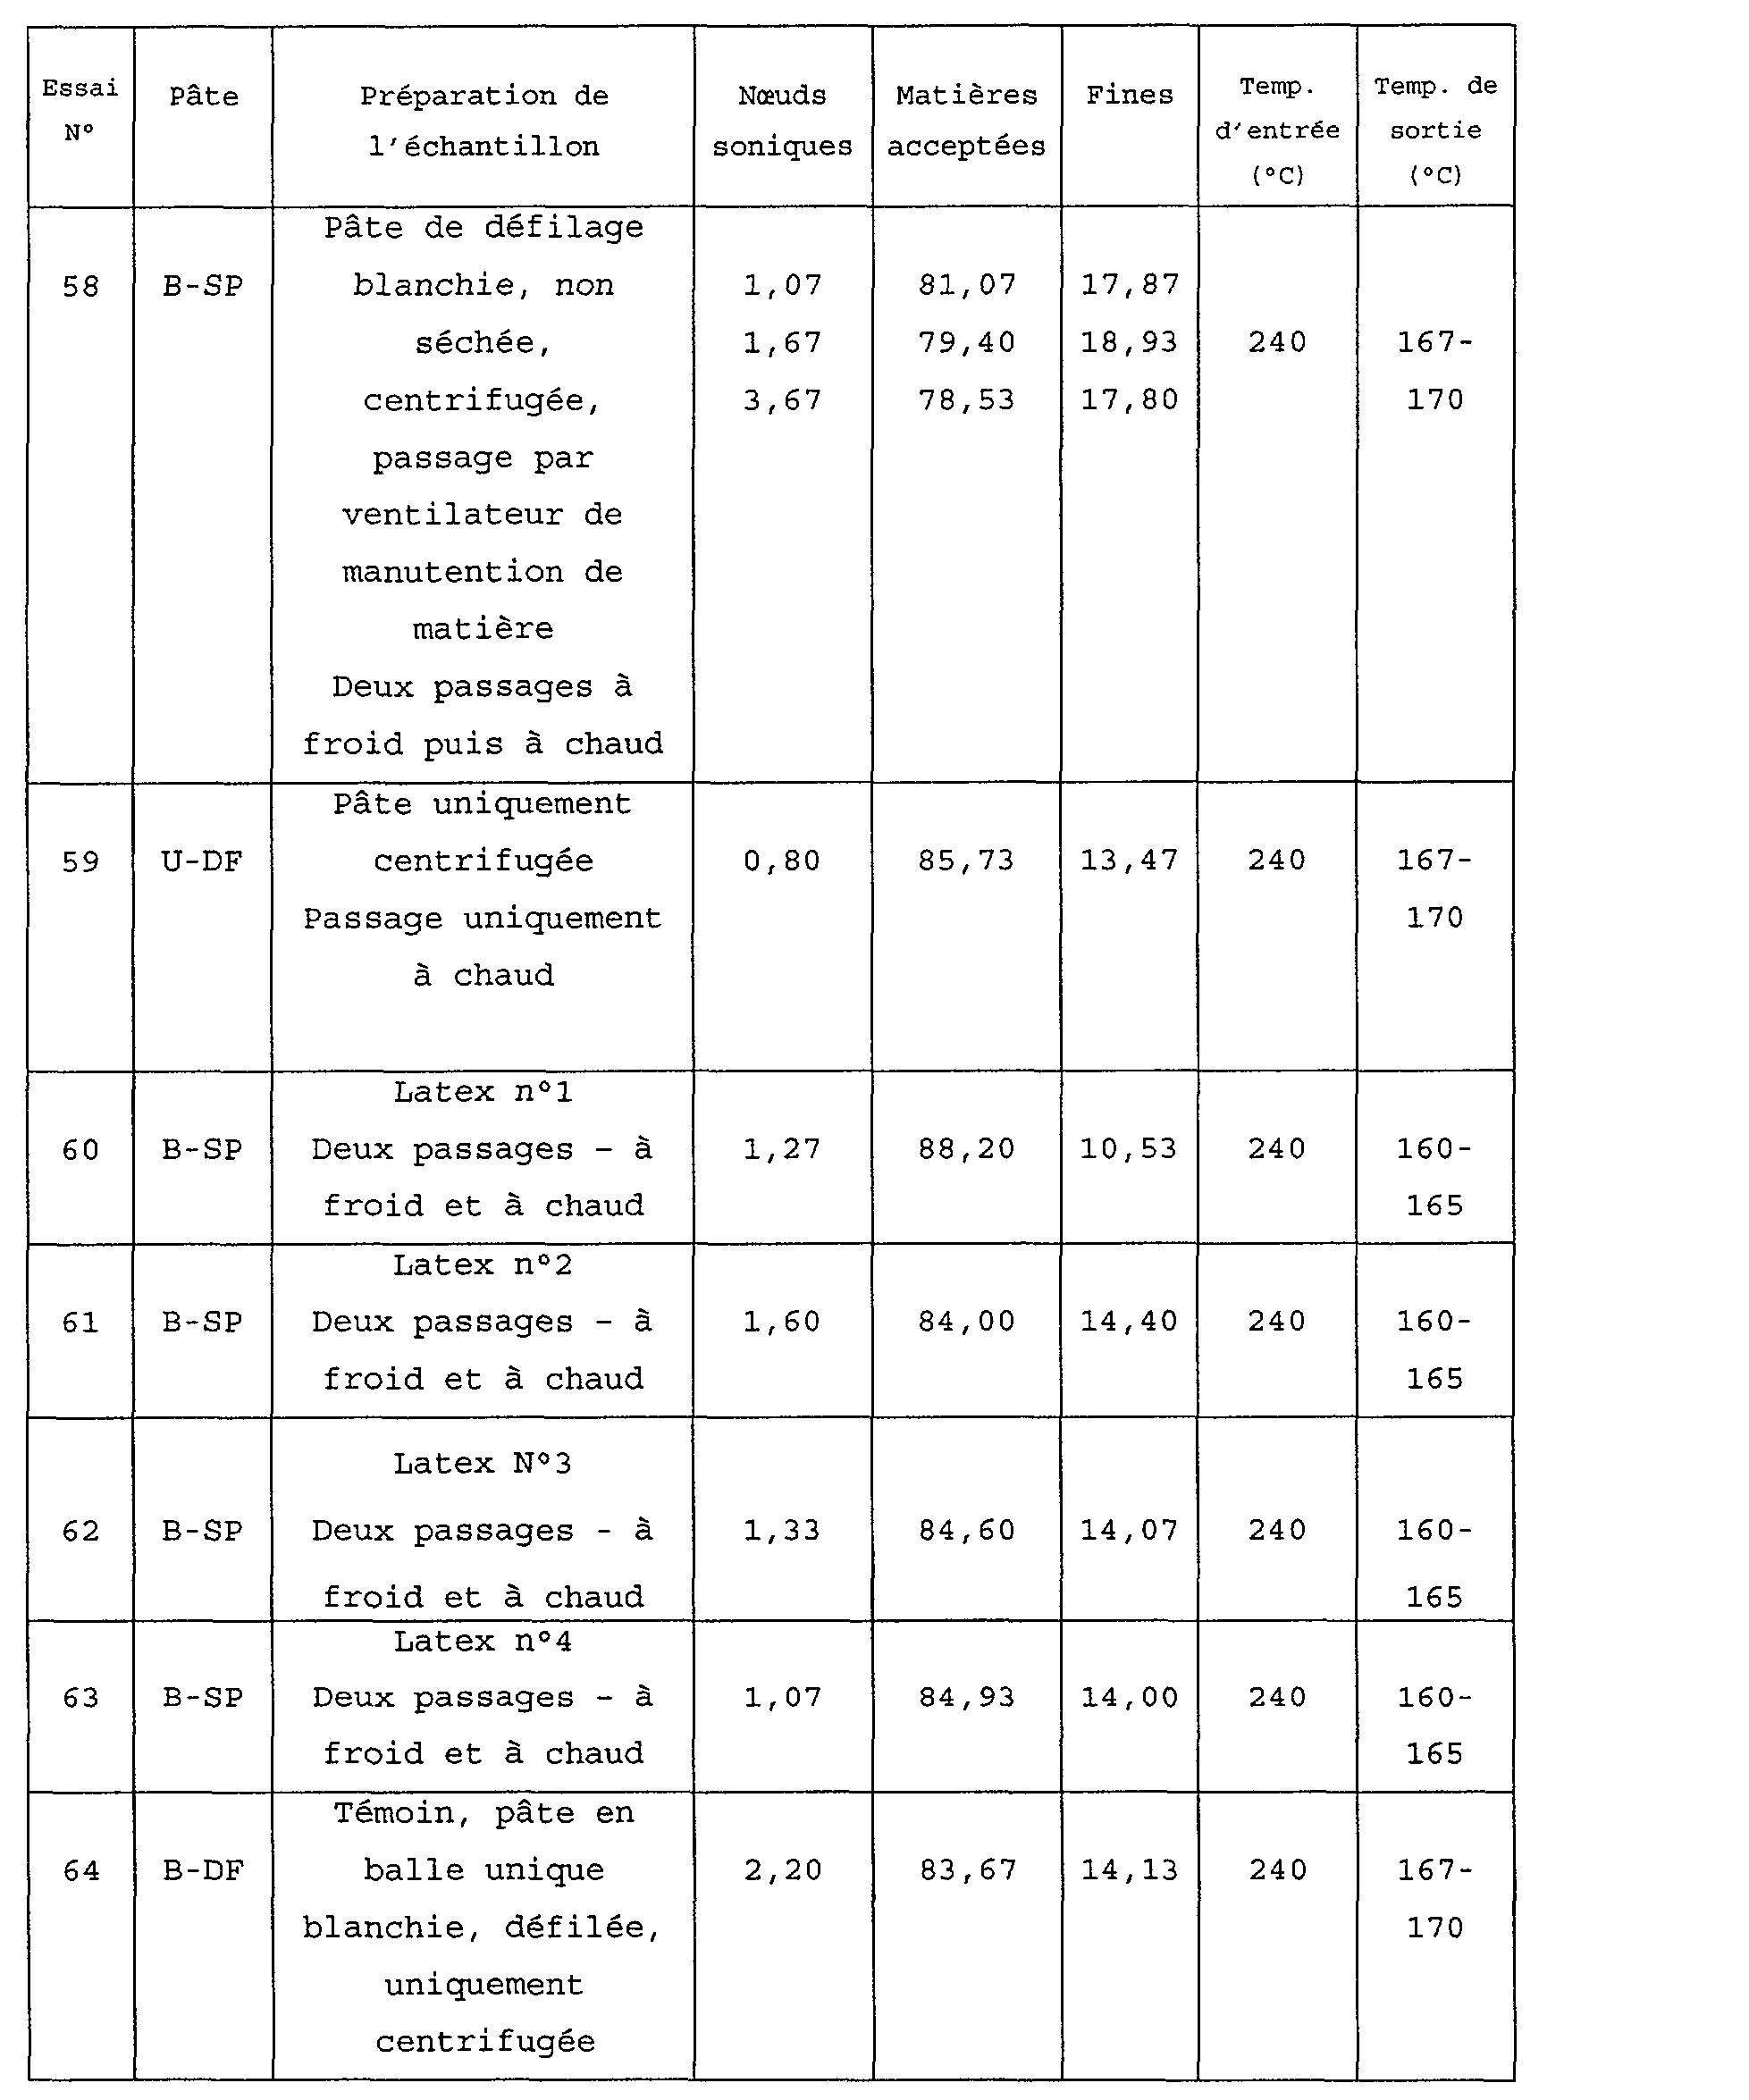 Figure img00720001